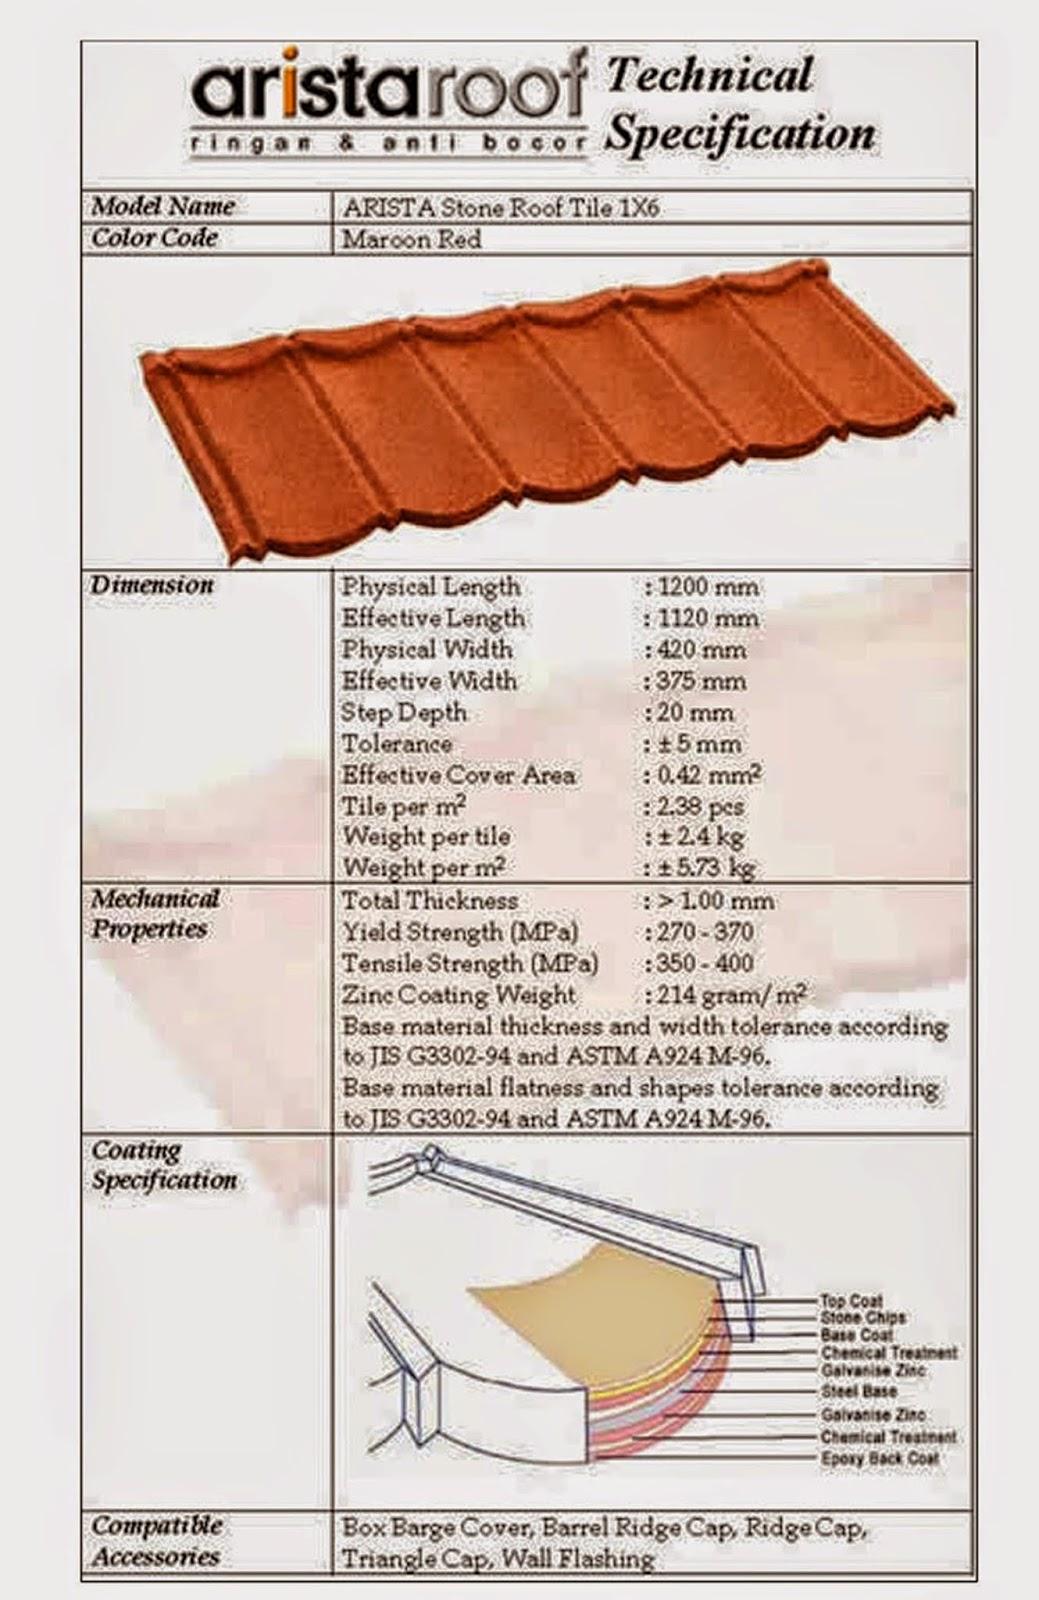 Spesifikasi Genteng metal arista roof